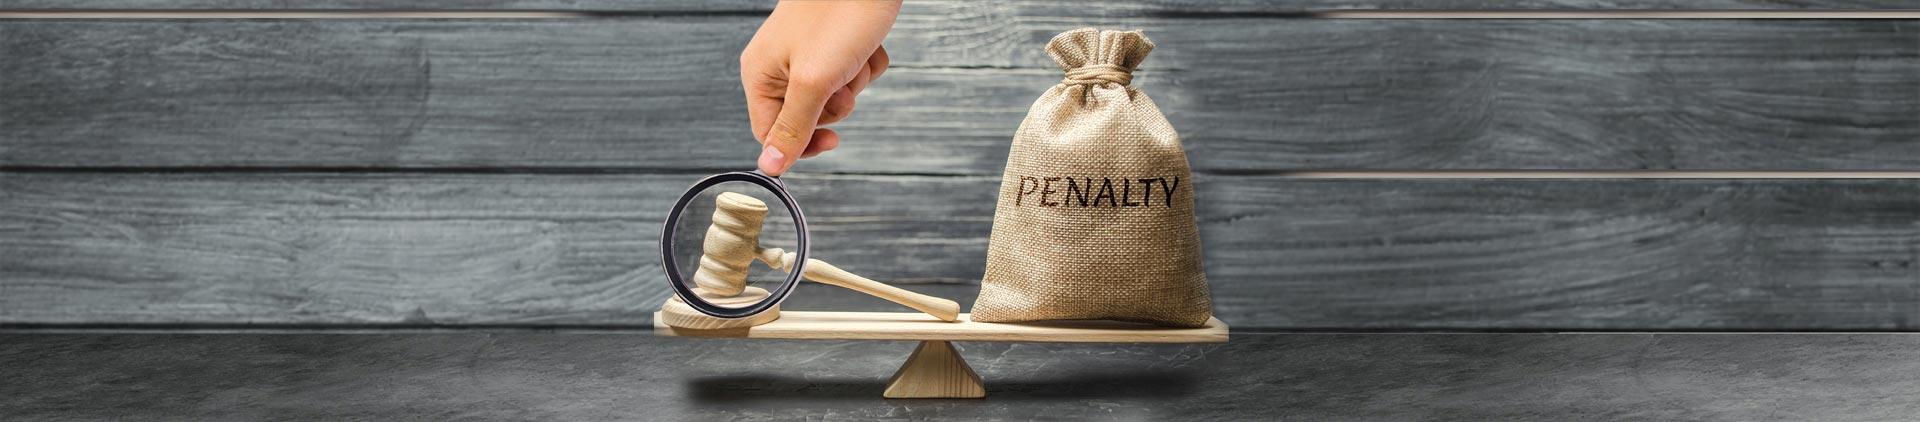 Penalty-BG